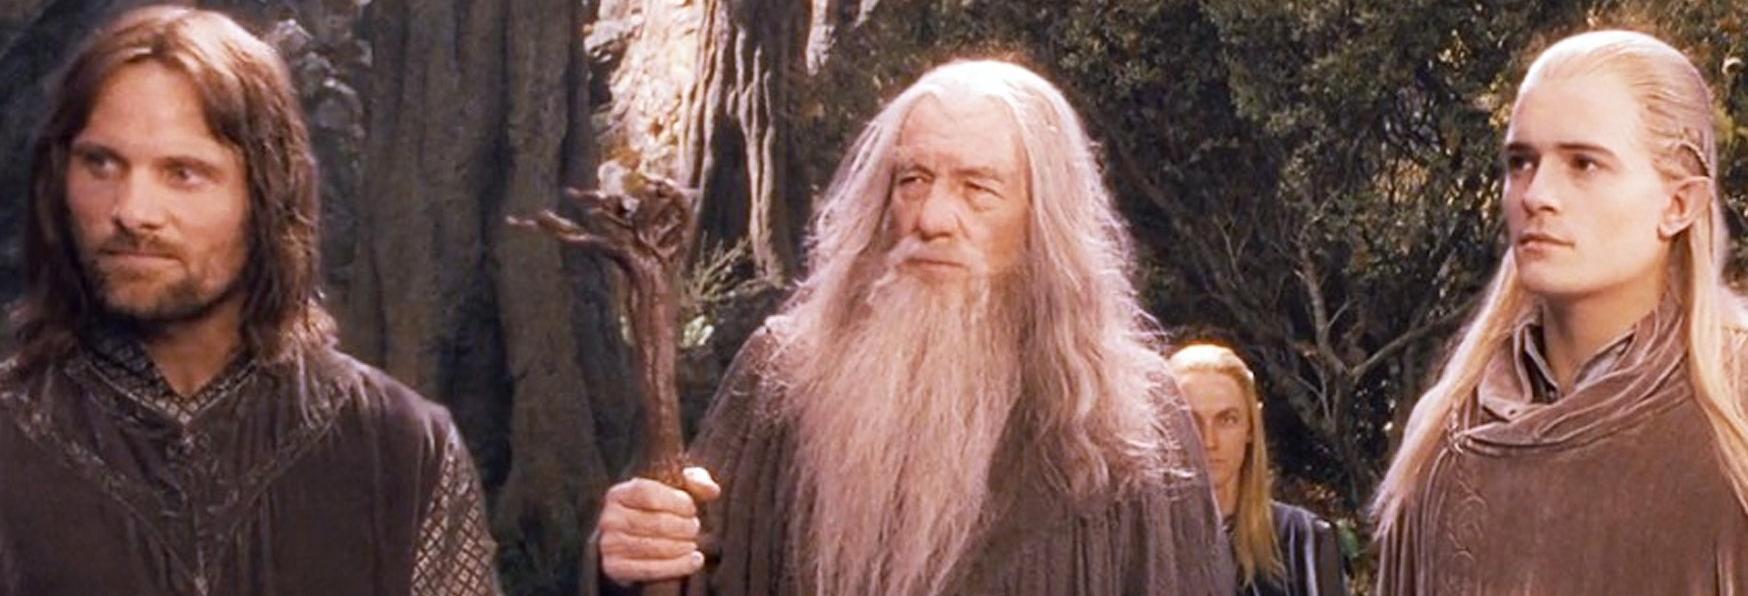 Il Signore degli Anelli: quando uscirà il Trailer? Trapelano degli Indizi sulla Programmazione